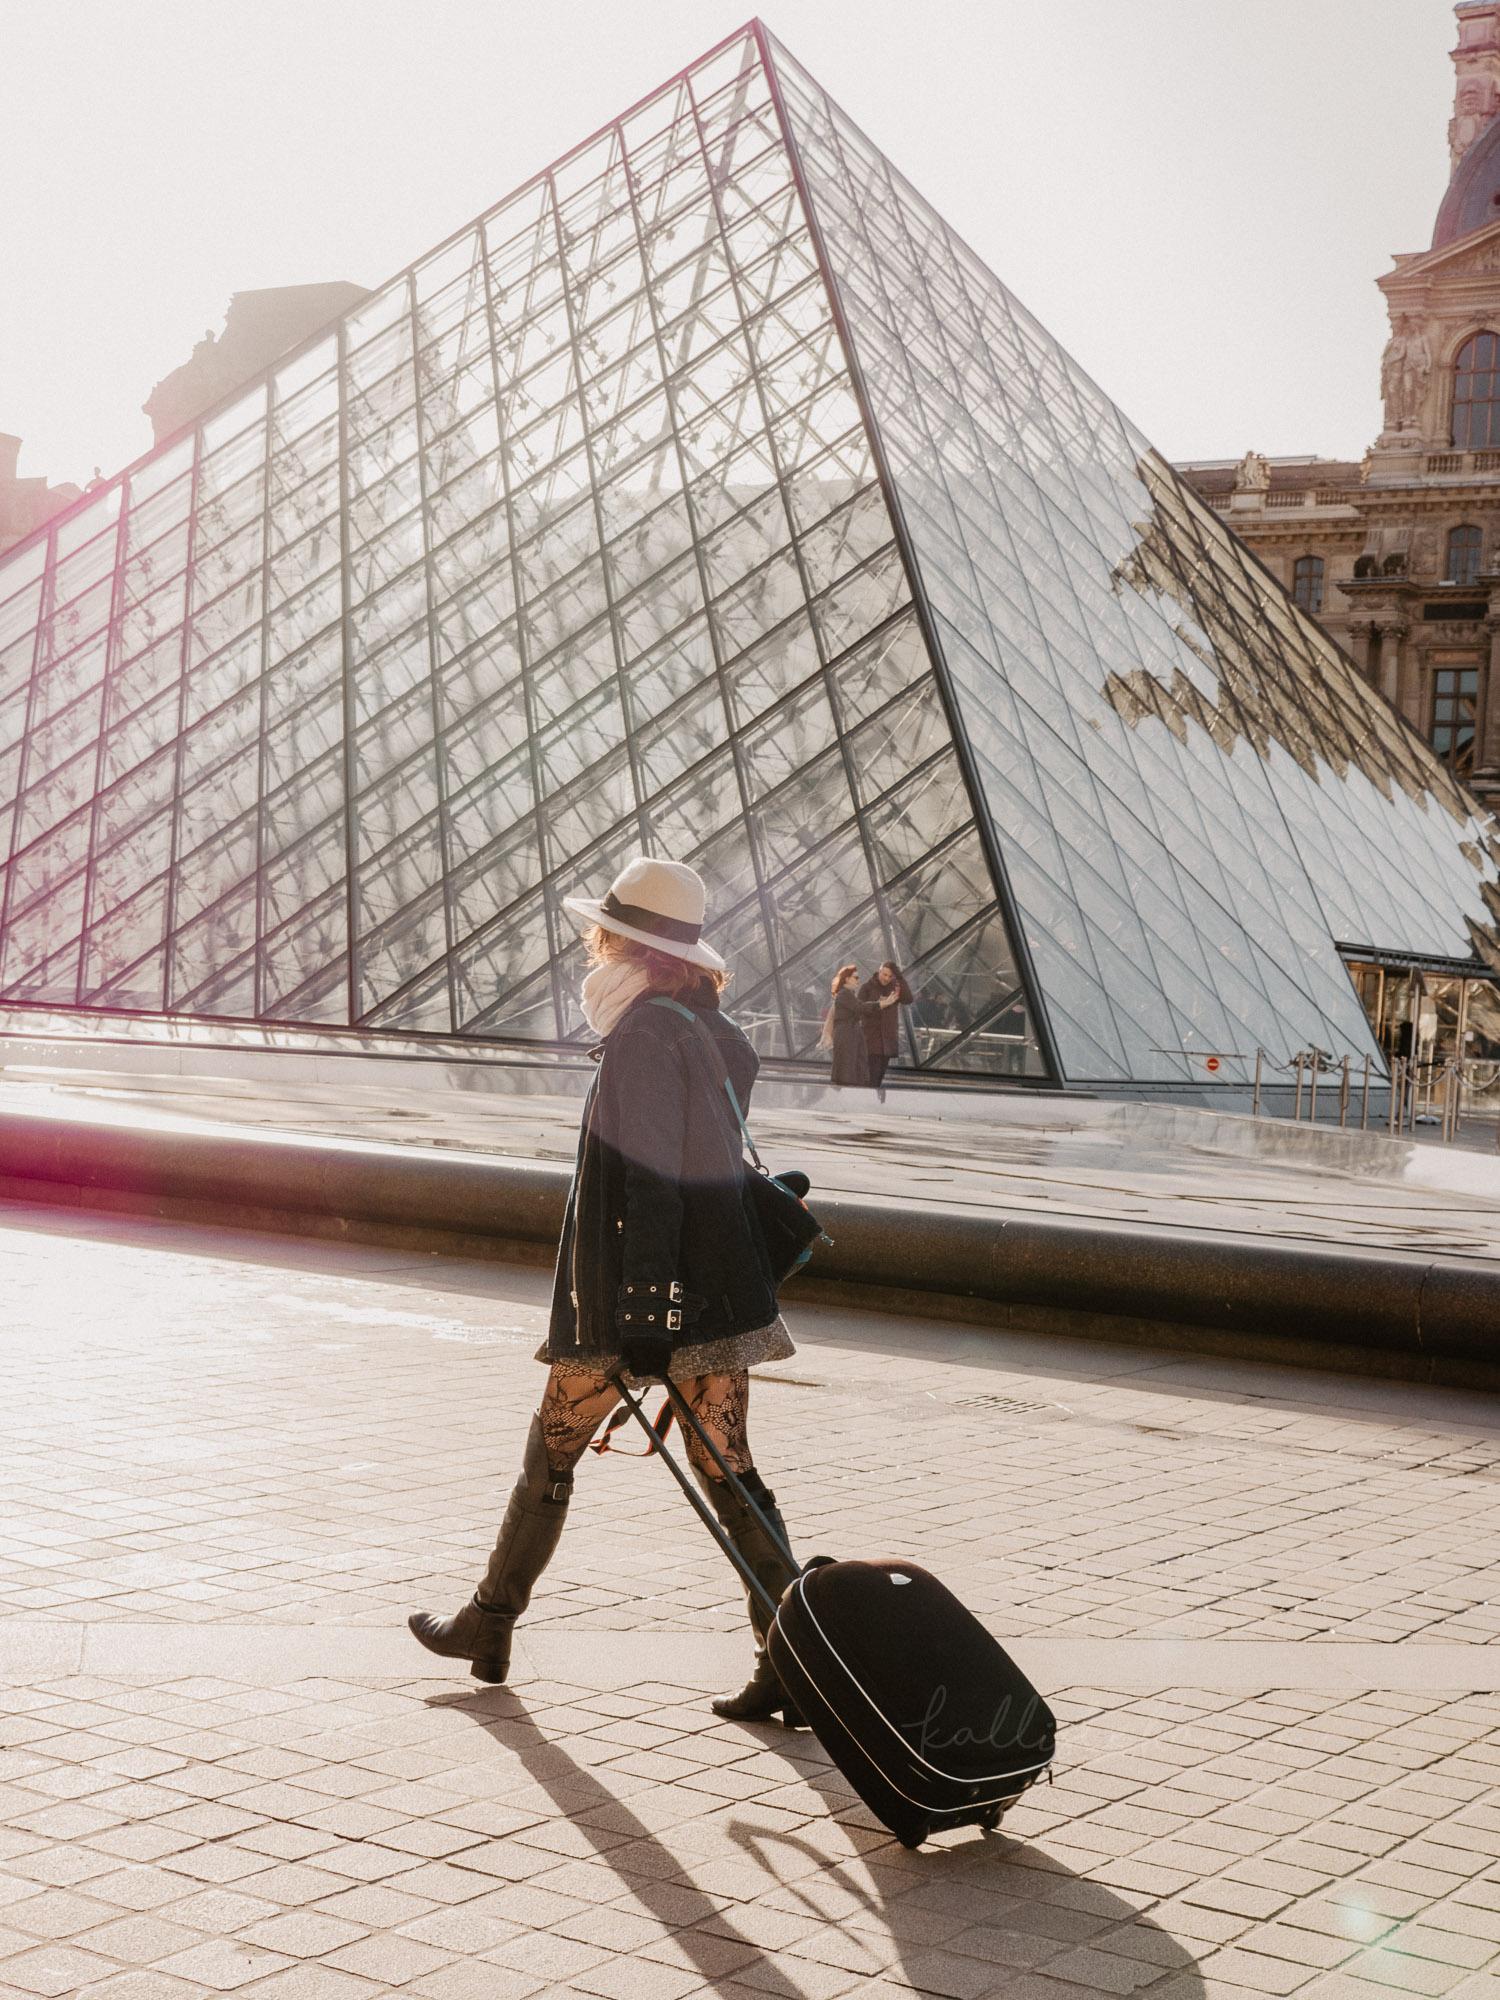 Erreurs de voyage et recommandations - Kallisteha, blog voyage responsable